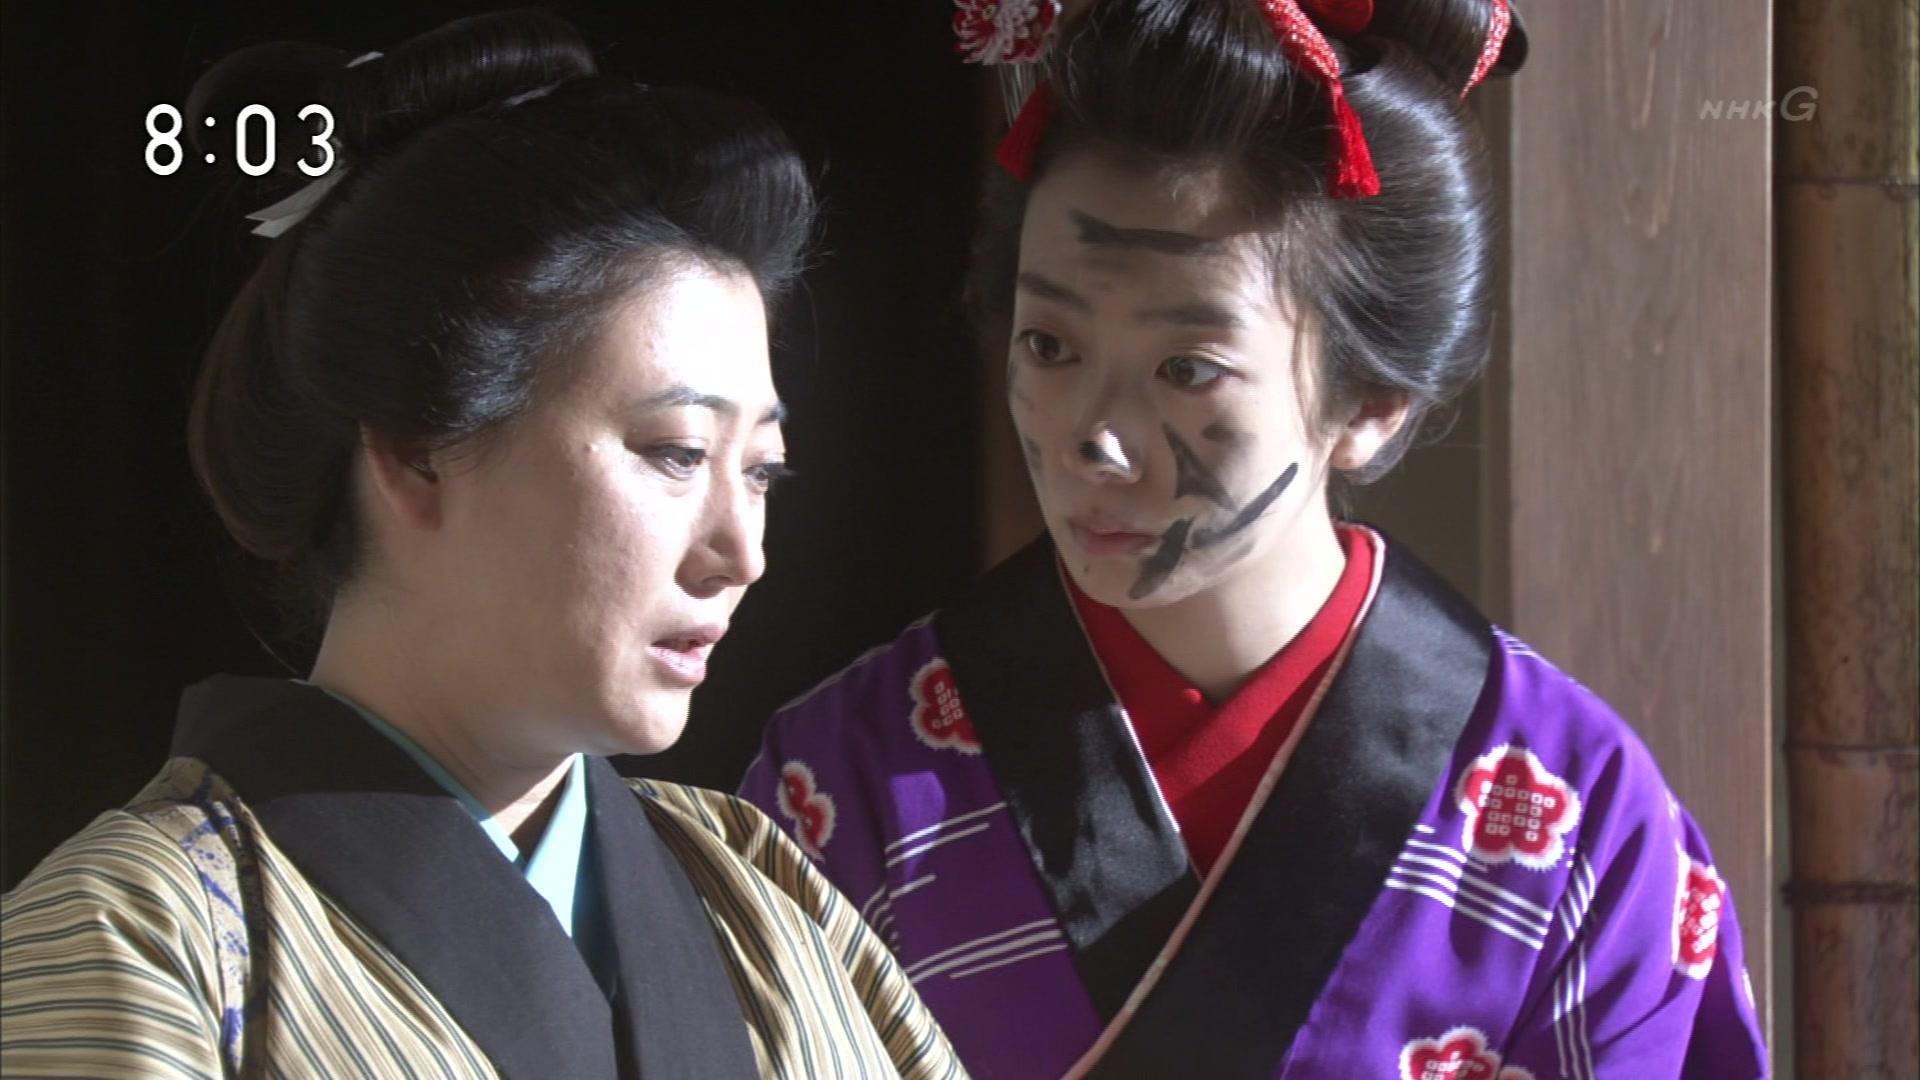 2015-10-07 08:00 連続テレビ小説 あさが来た(9)「ふたつの花びら」 0698